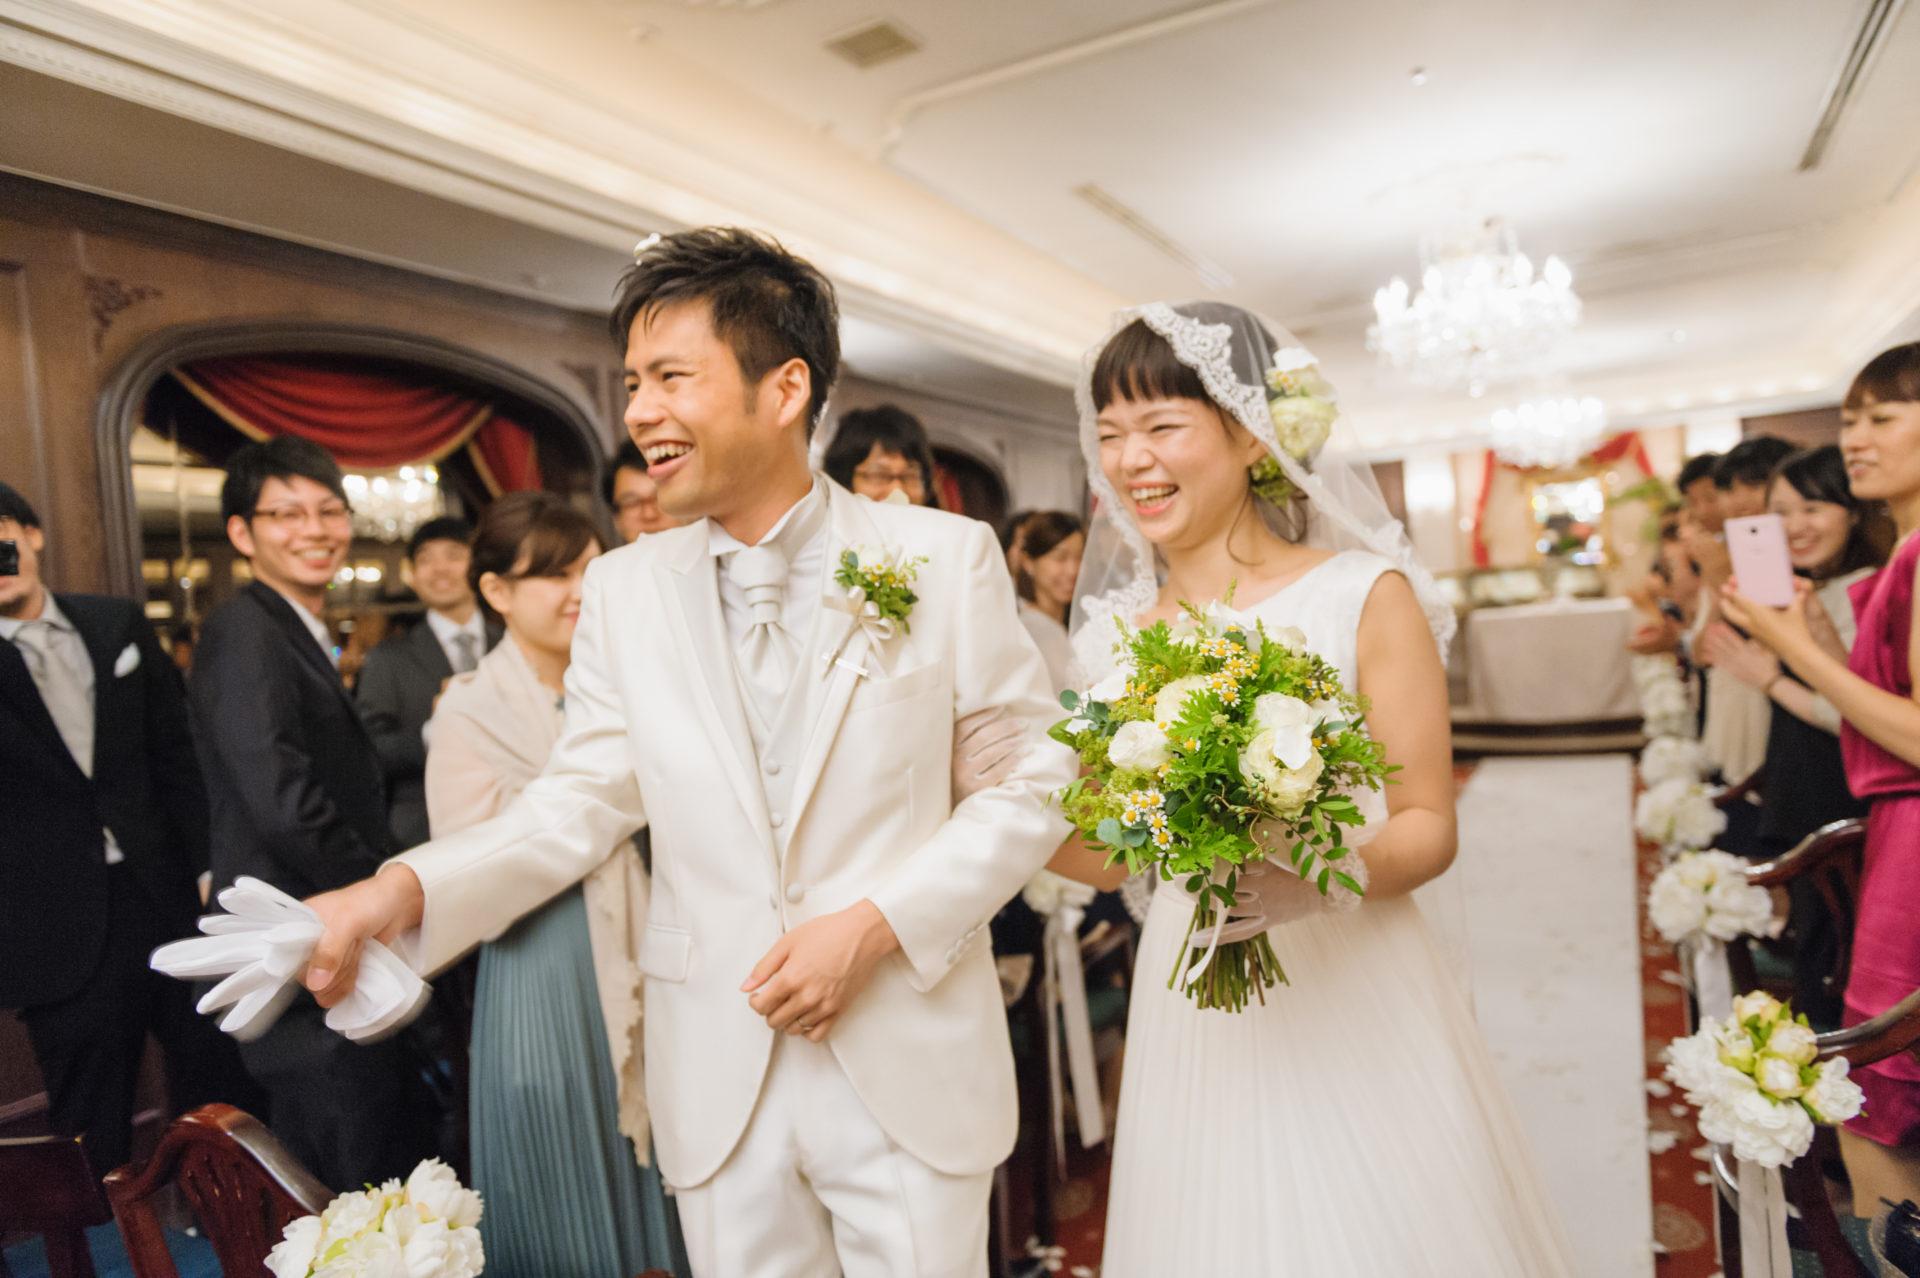 シェ松尾結婚式退場シーン